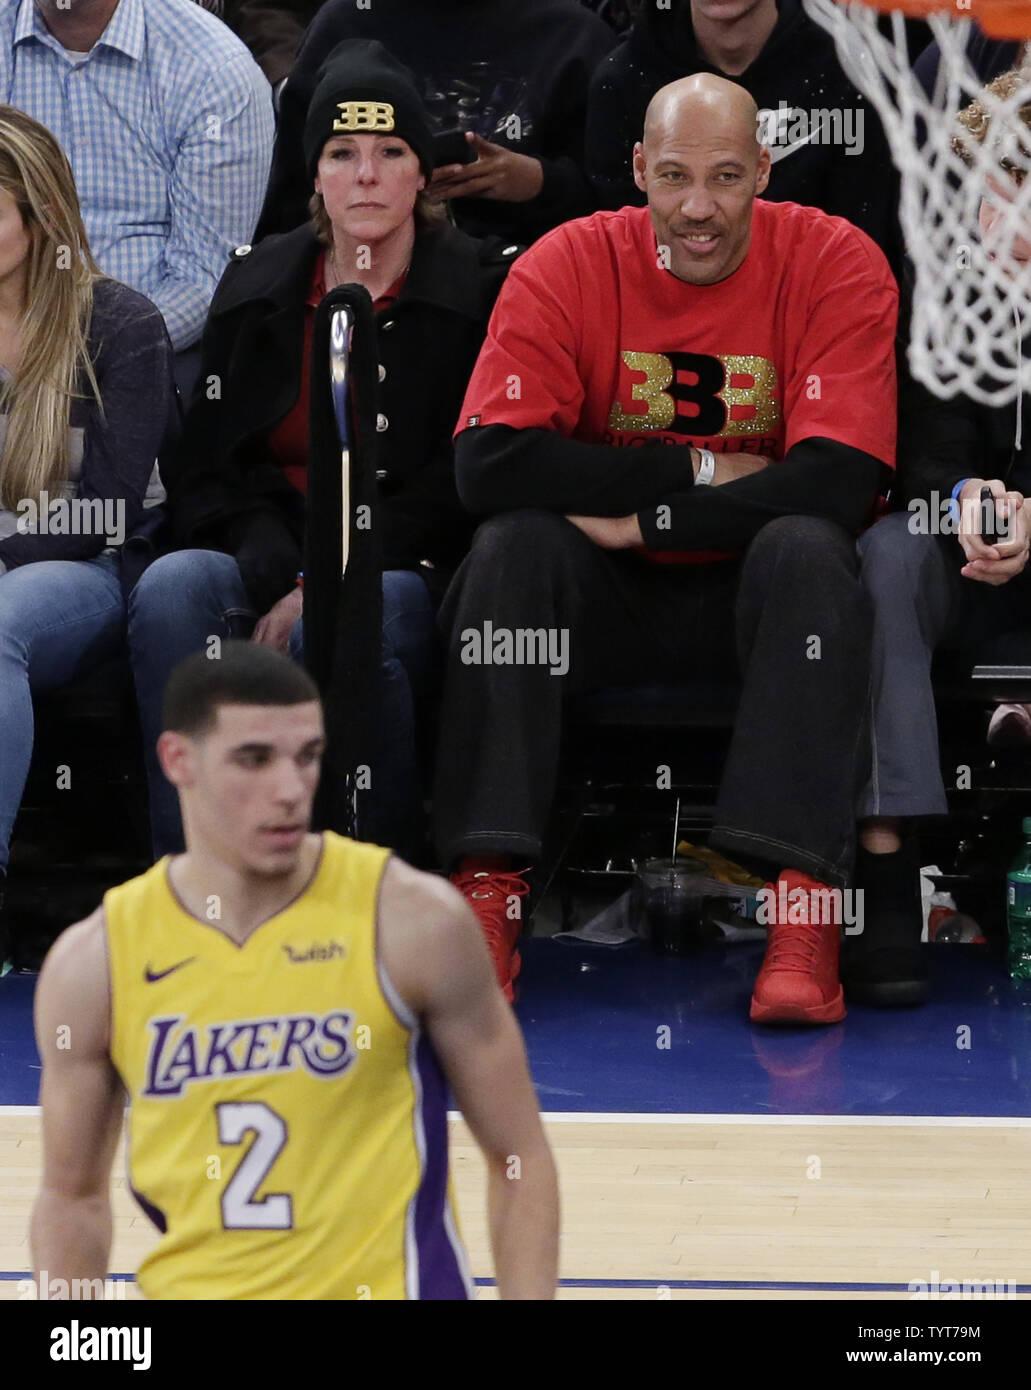 Bola de lavar relojes hijo Los Angeles Lakers Lonzo bola en la primera mitad contra los New York Knicks en el Madison Square Garden en la Ciudad de Nueva York el 12 de diciembre de 2017. Foto por John Angelillo/UPI Imagen De Stock